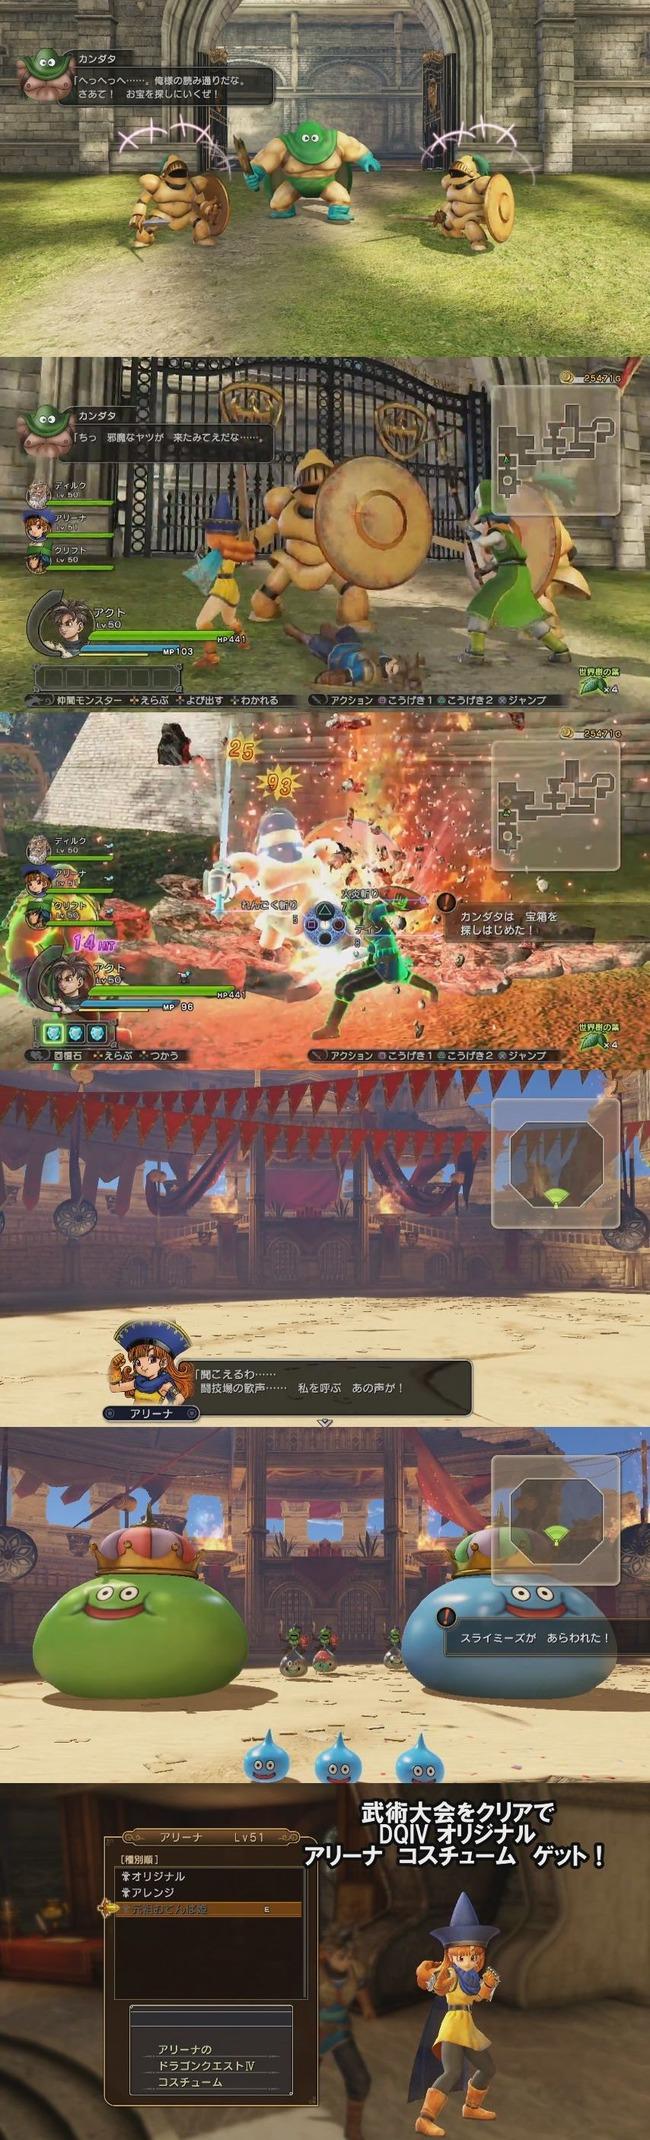 ドラゴンクエストヒーローズ DLCに関連した画像-02